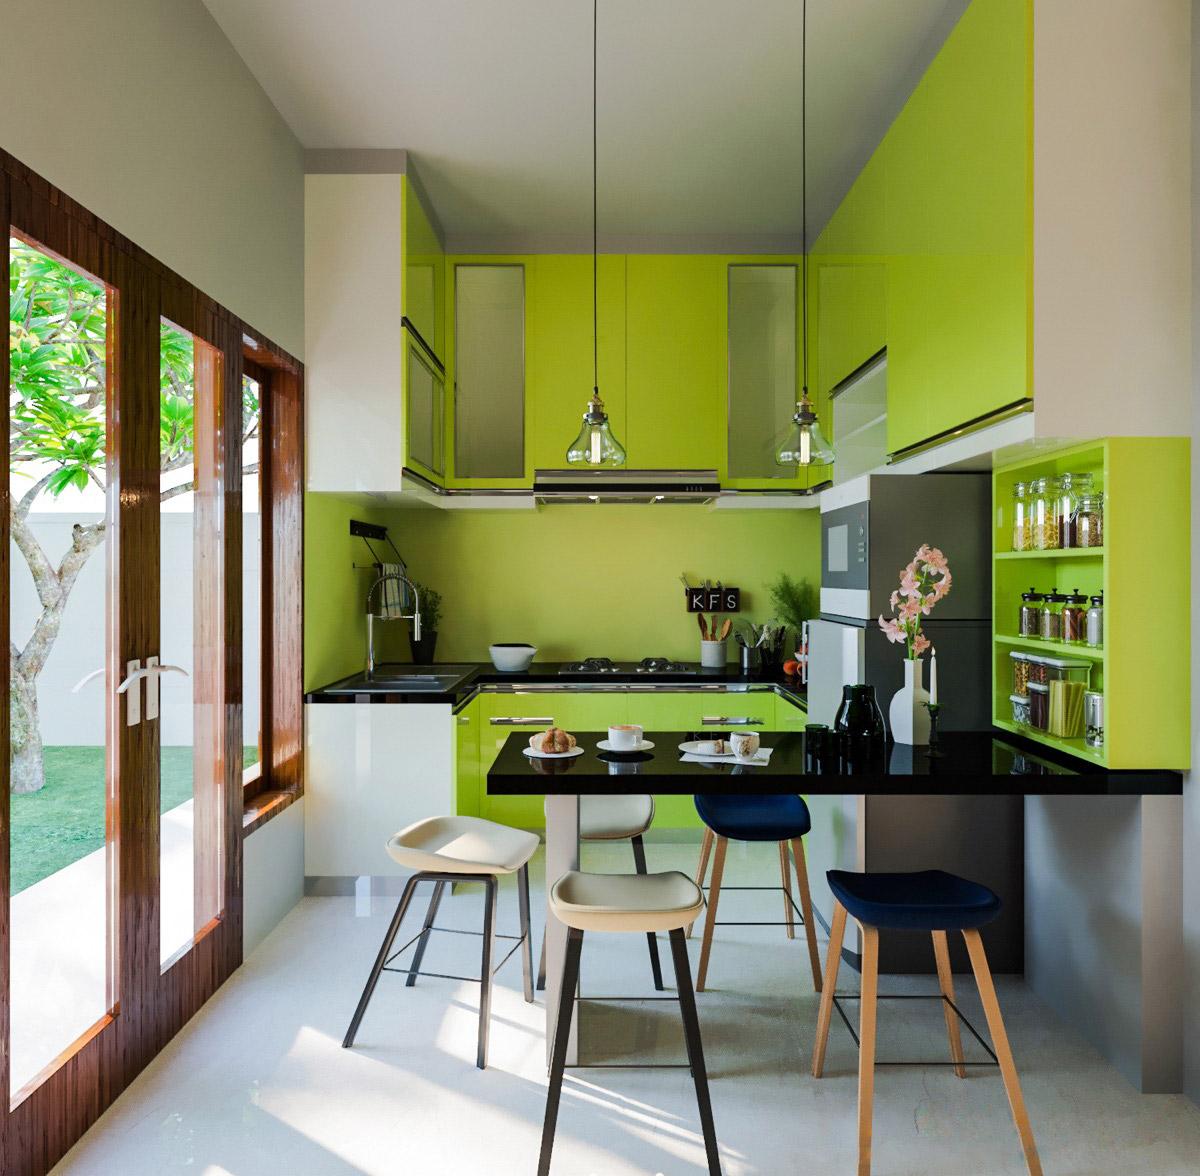 Mutfağınızı Düzenlemeye Yardımcı Olacak 13 Muhteşem Fikir 26